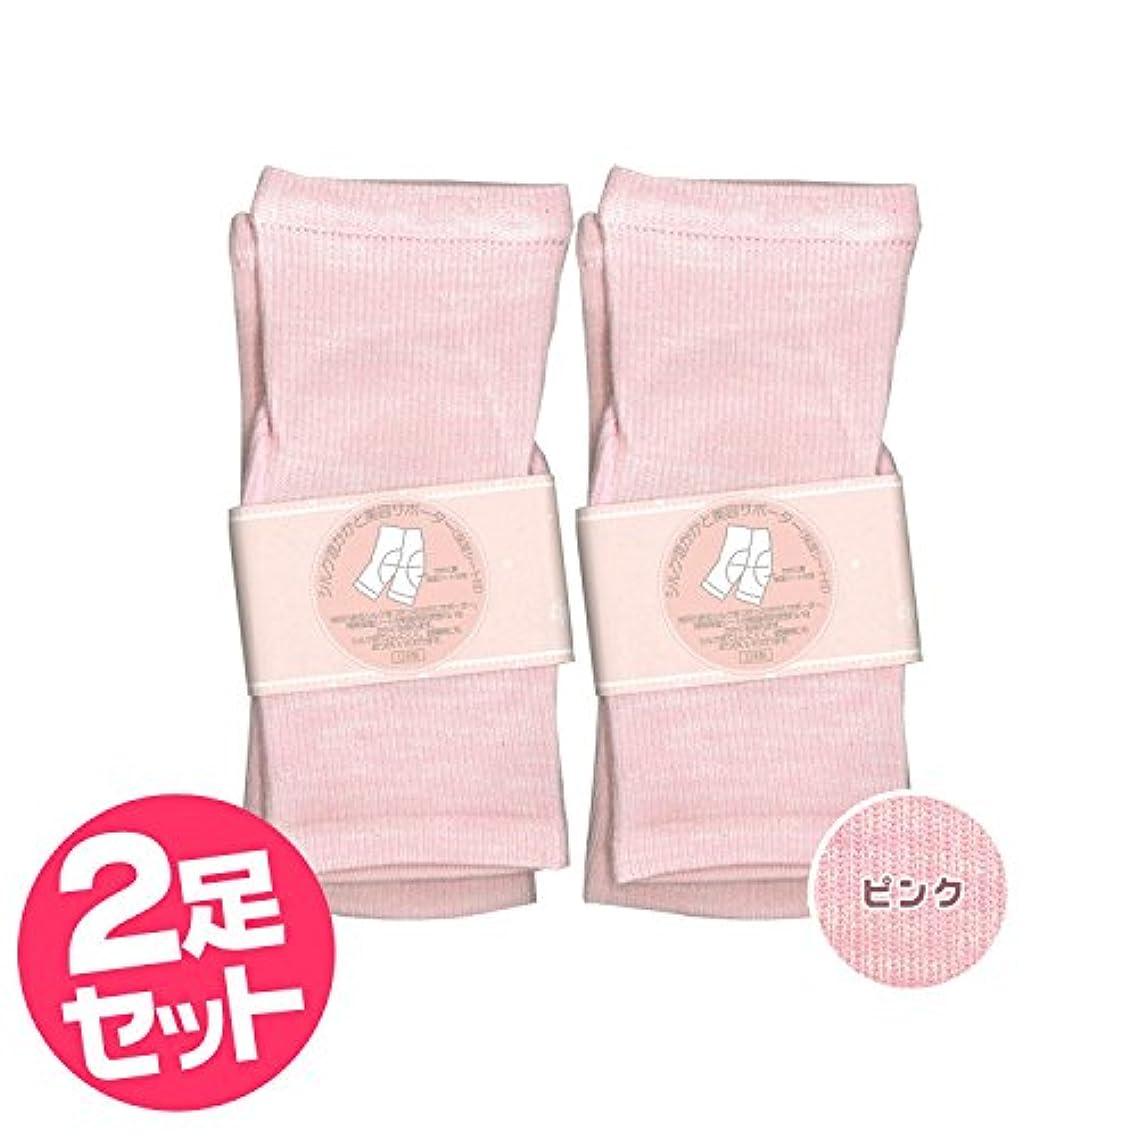 ずんぐりした提案する問題シルク混 かかと美容サポーター[保湿シート付]◆2足セット◆0649 (ピンク)